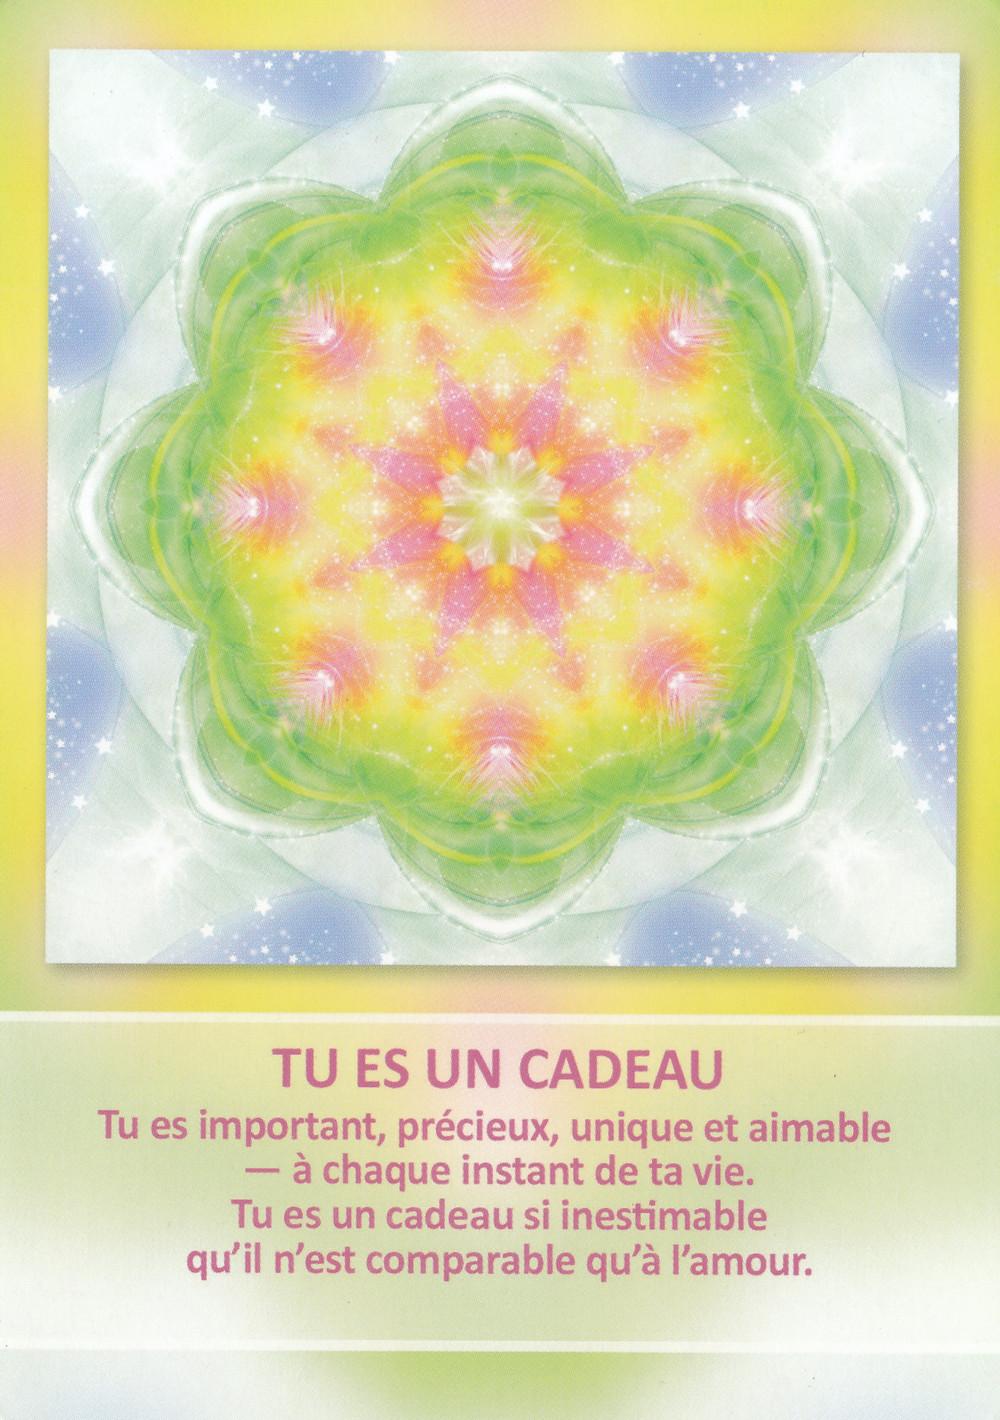 Carte tirée de l'Oracle des Mandalas d'Énergie de Gaby Shayana Hoffmann - Energies 1er août - Nouvelle Lune